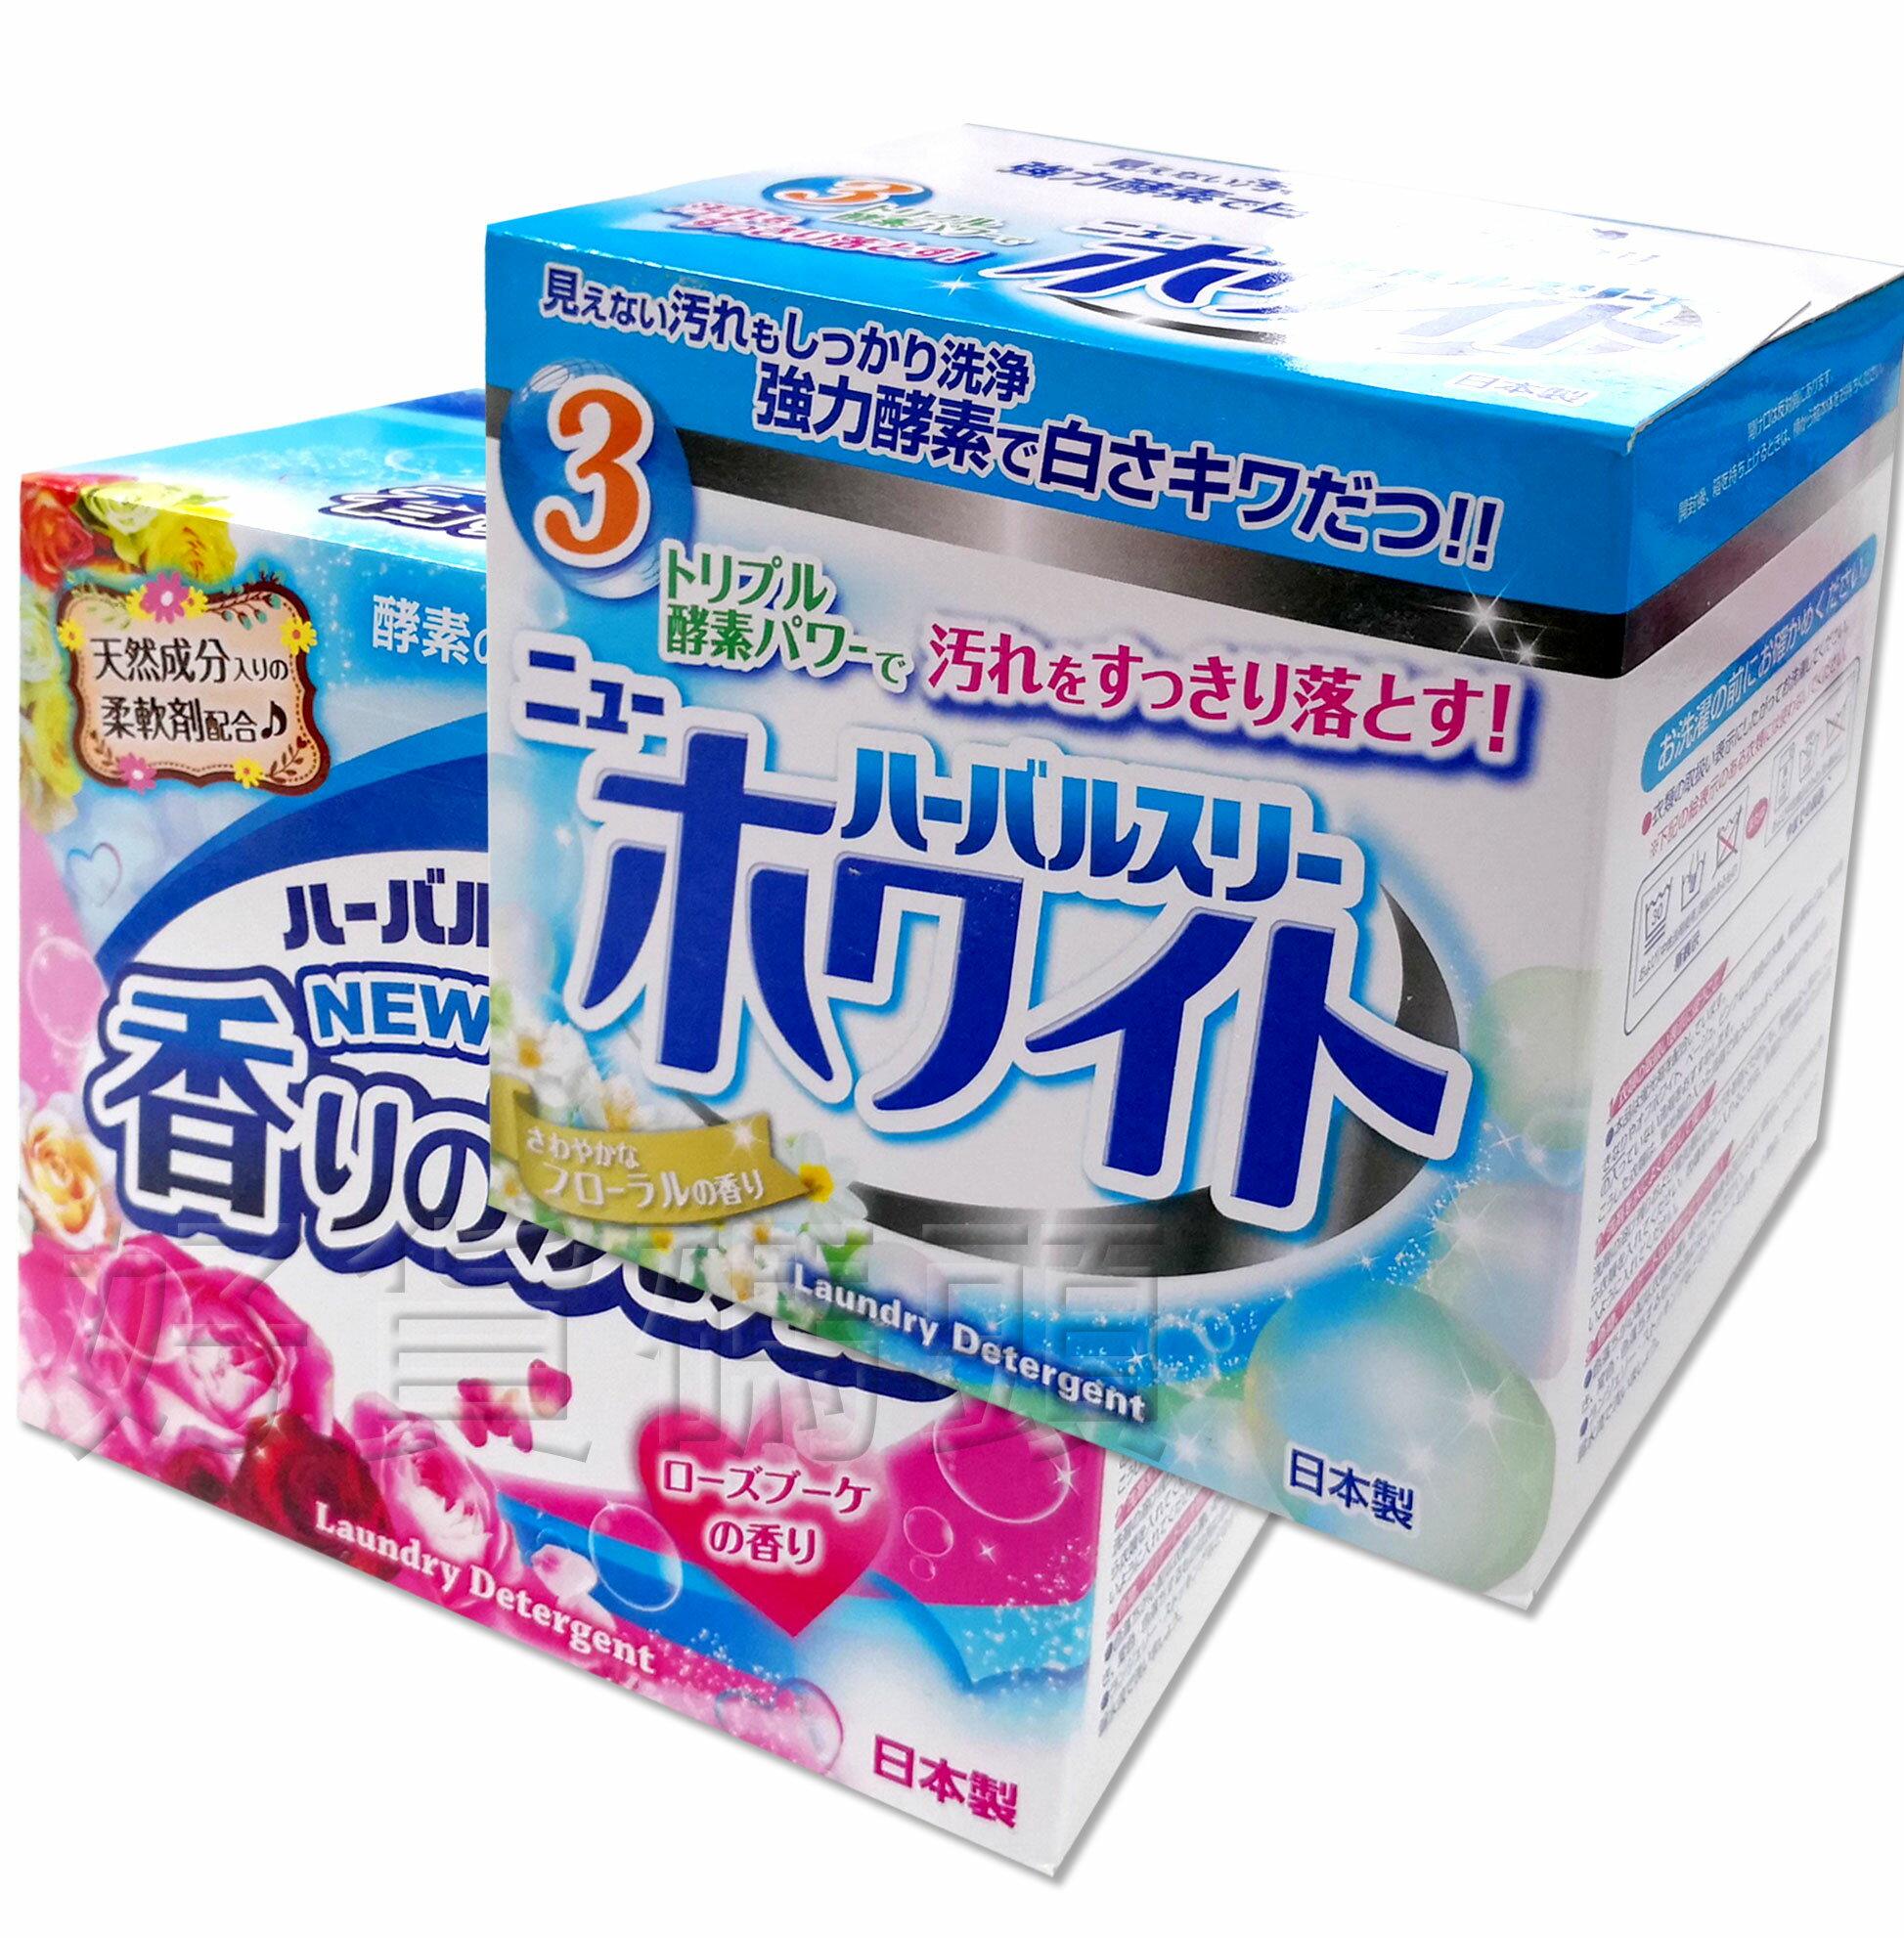 日本製Mitsuei酵素洗衣粉(850g)天然抗菌除臭無毒洗衣用品洗滌劑衣物清潔嬰兒母親花香060762